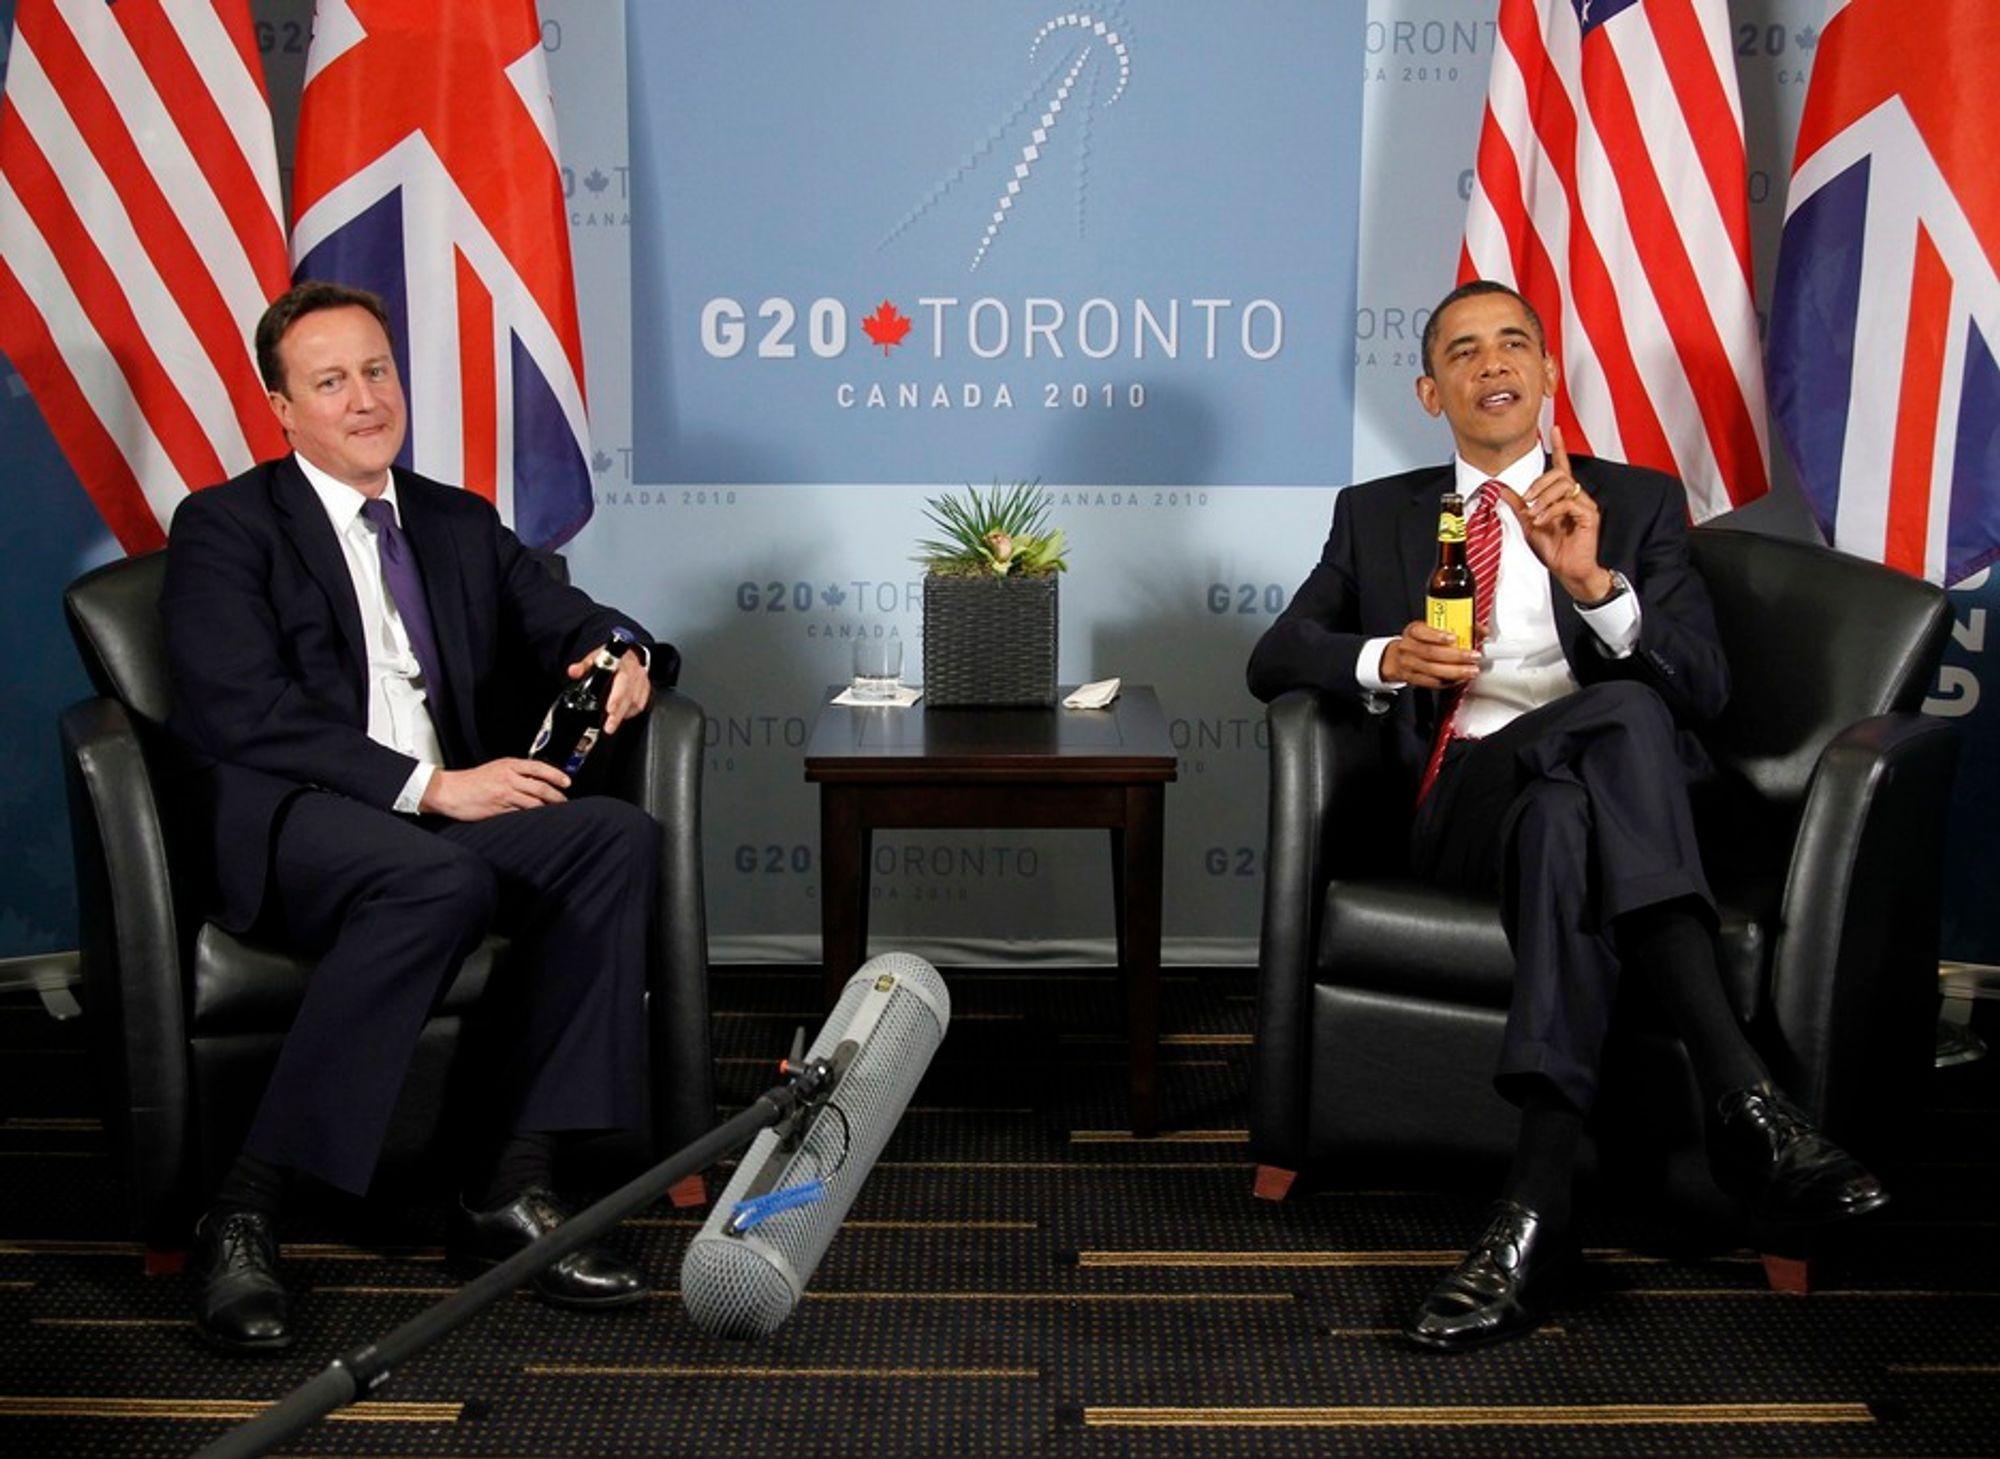 Verken statsminister David Cameron eller president Barack Obama vant veddemålet om hvem som ville vinne fotballkampen mellom Storbritannia og USA, og de ga derfor hverandre premien, en flaske øl, da de i Canada møttes til sitt første møte etter at Cameron ble valgt til statsminister.